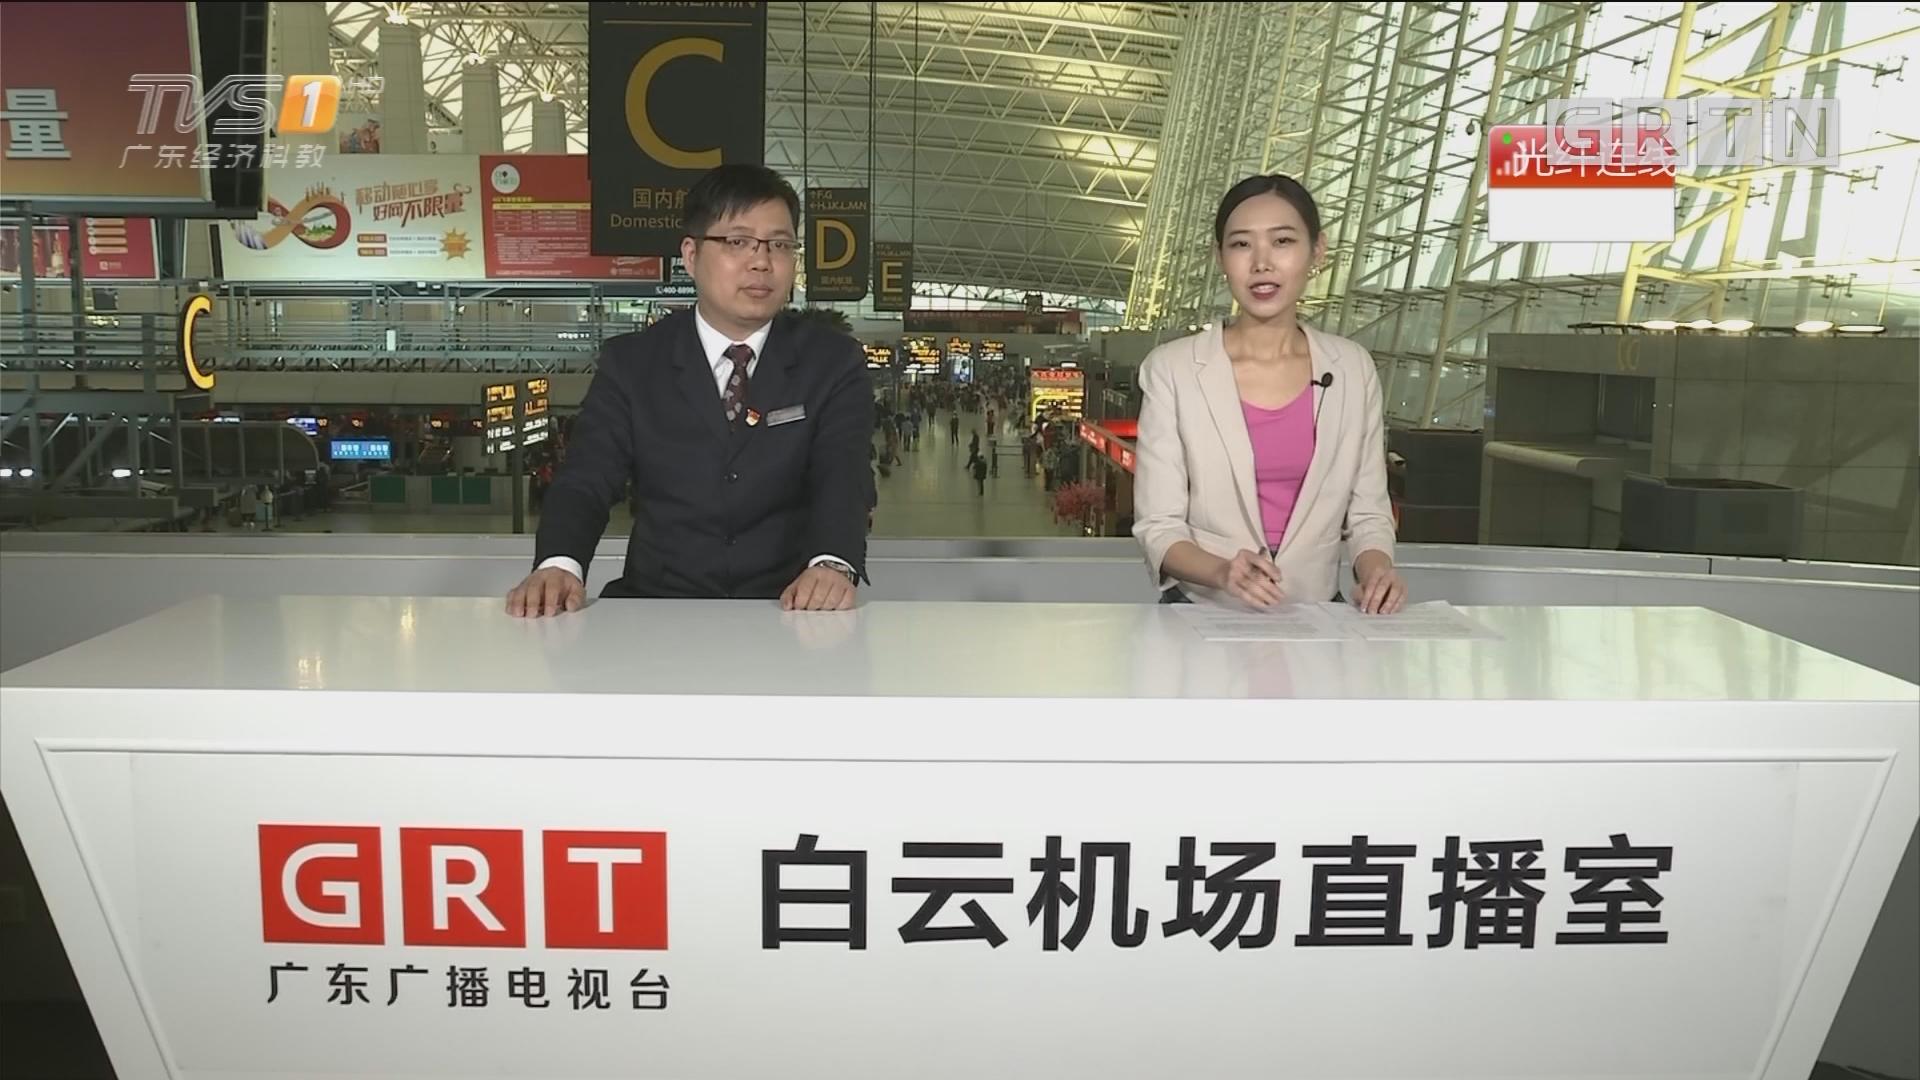 直播连线:广州白云机场 冲上云霄!机场春运高峰今天杀到